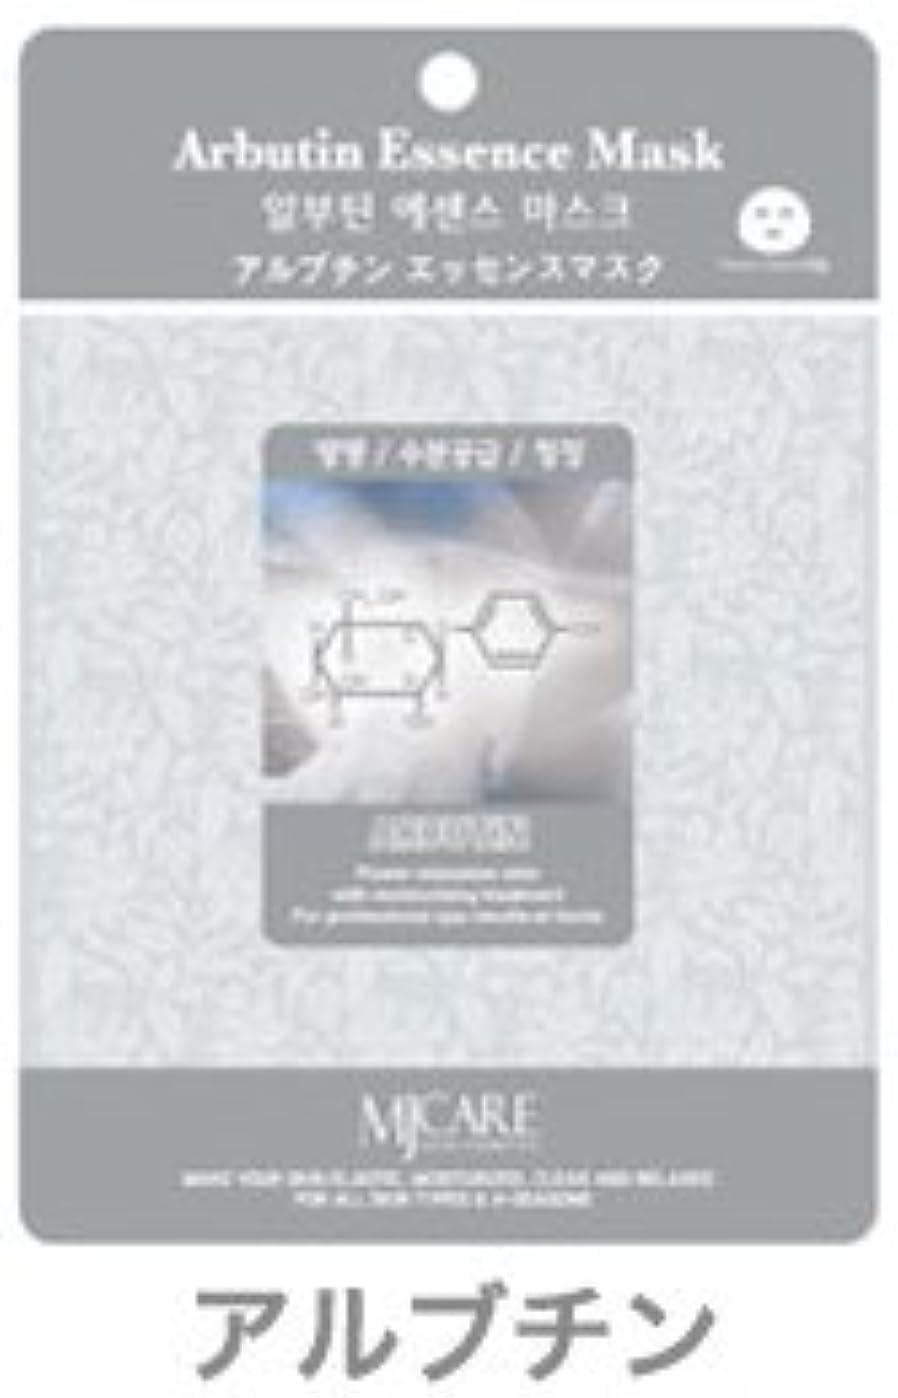 ゆるい岸スキャンフェイスパック アルブチン 韓国コスメ  MIJIN(ミジン)コスメ 口コミ ランキング No1 おすすめ シートマスク 100枚